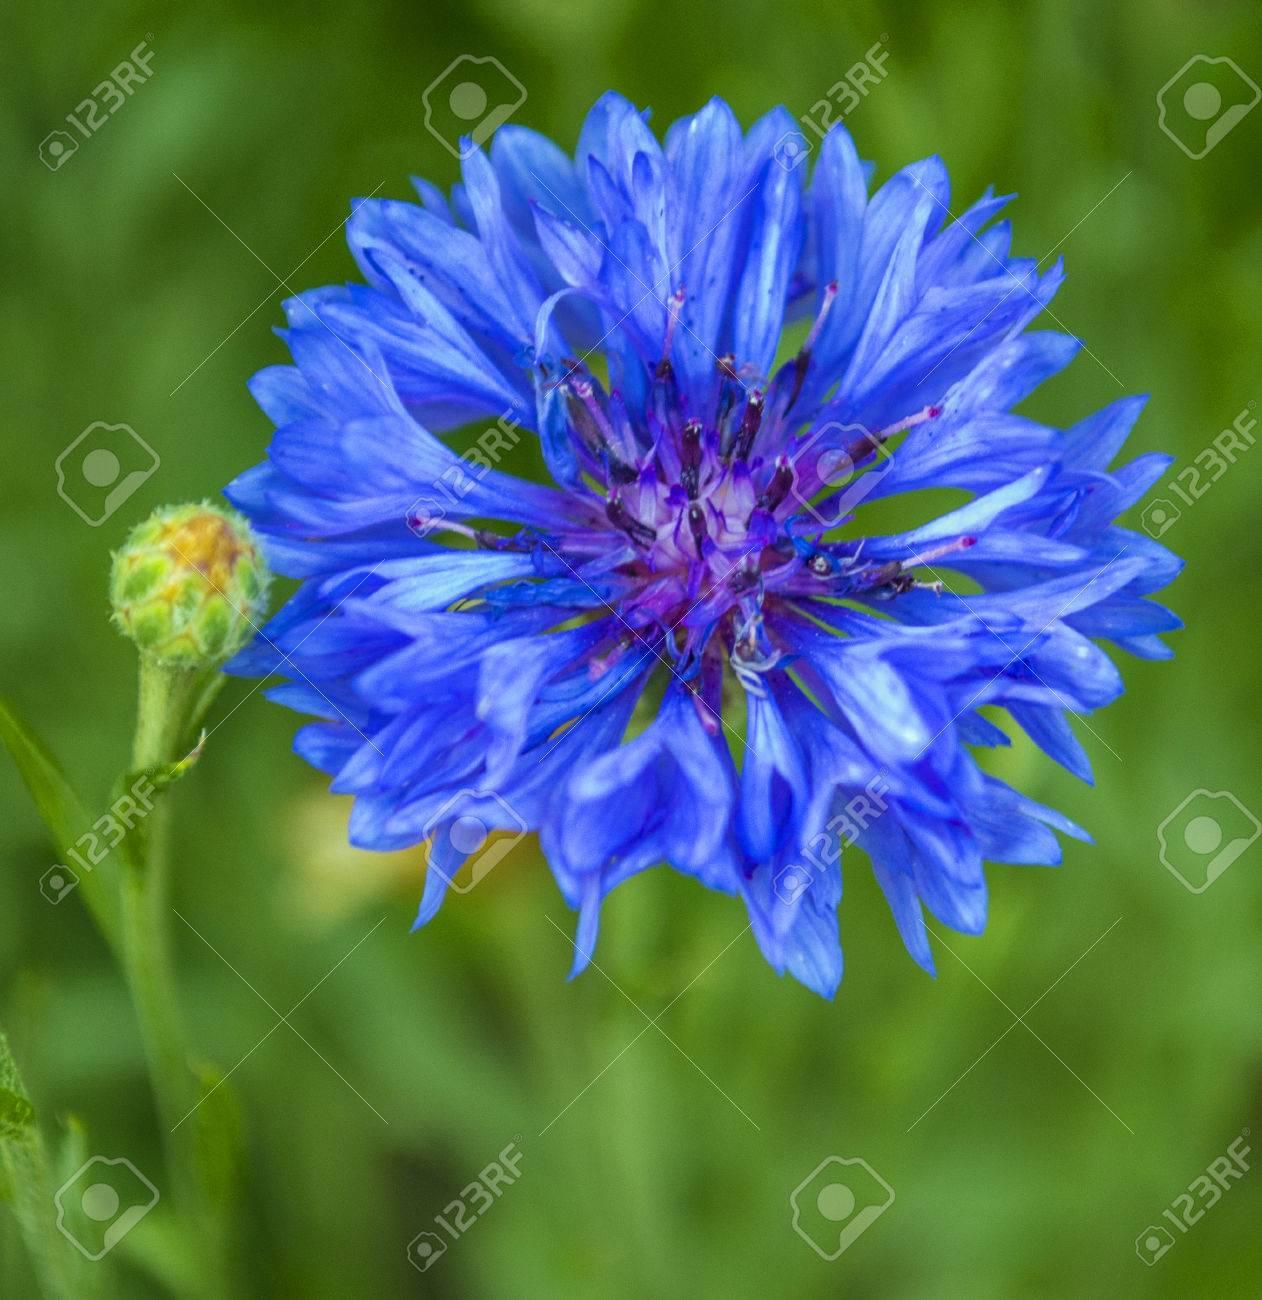 Cornflower blue blue cornflower in the garden stock photo picture cornflower blue blue cornflower in the garden stock photo 66545085 izmirmasajfo